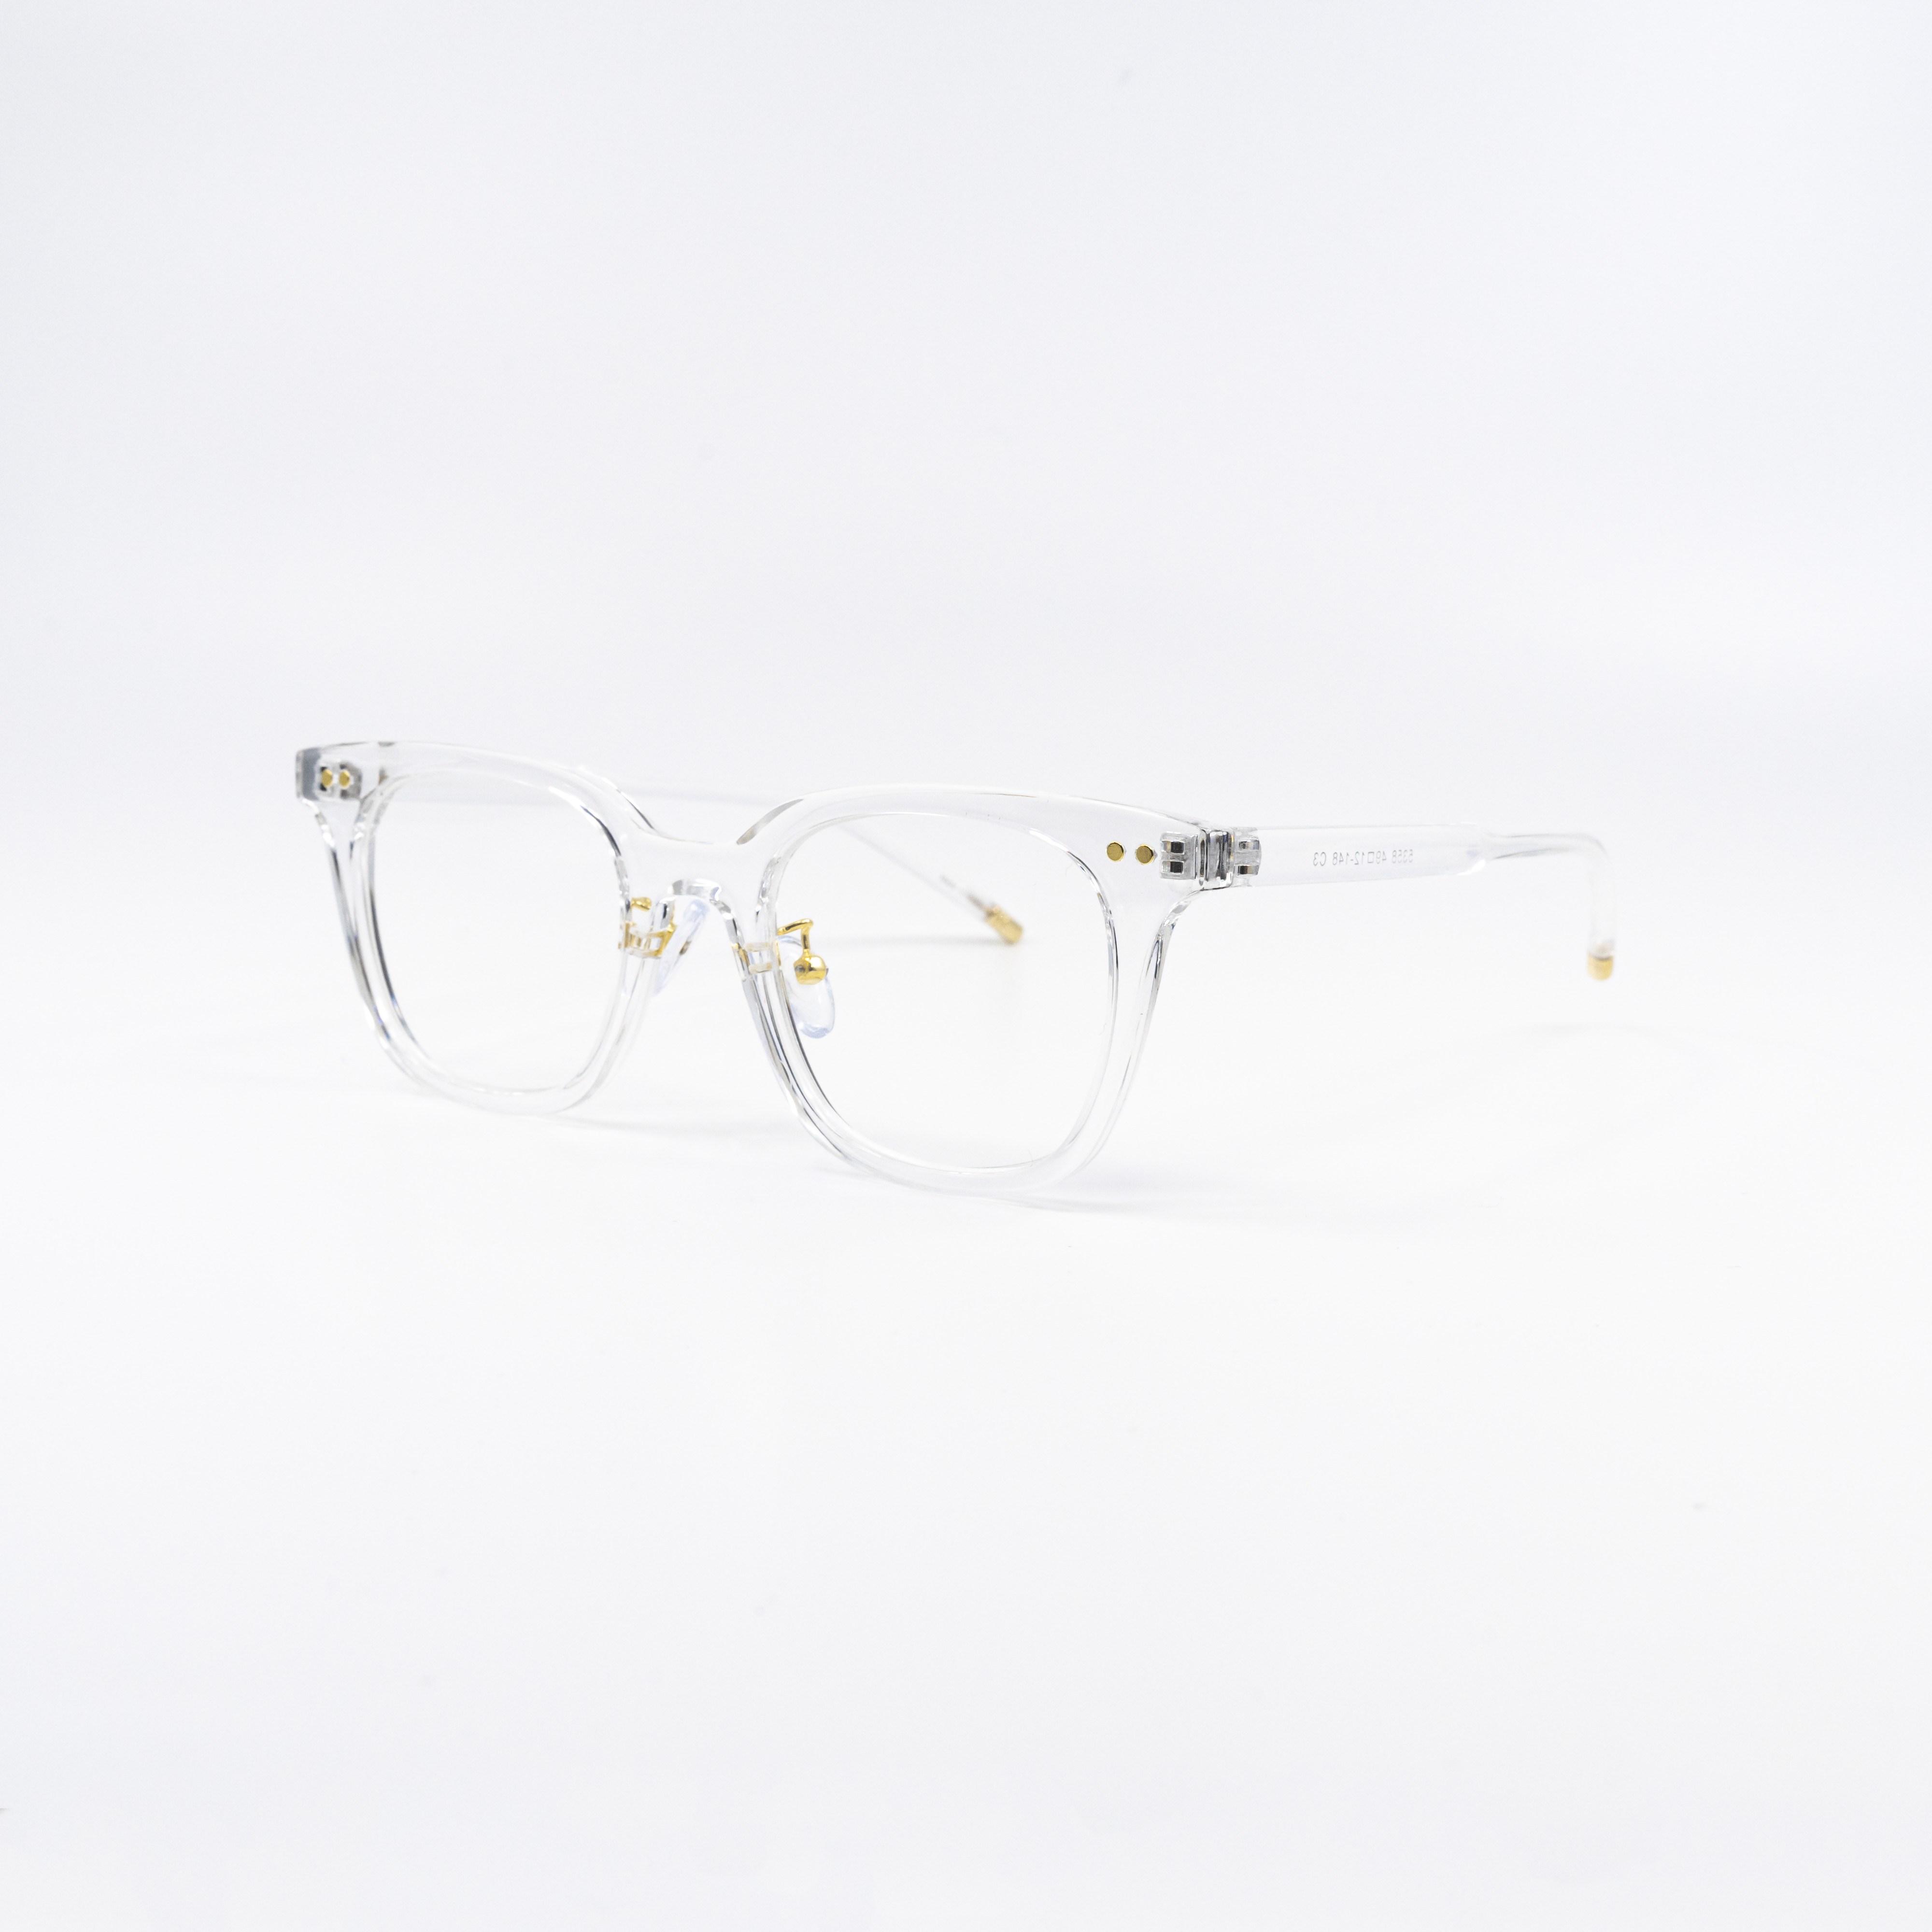 데일리글라스 투명테 뿔테 얇은 브릿지 혼테 안경 5컬러